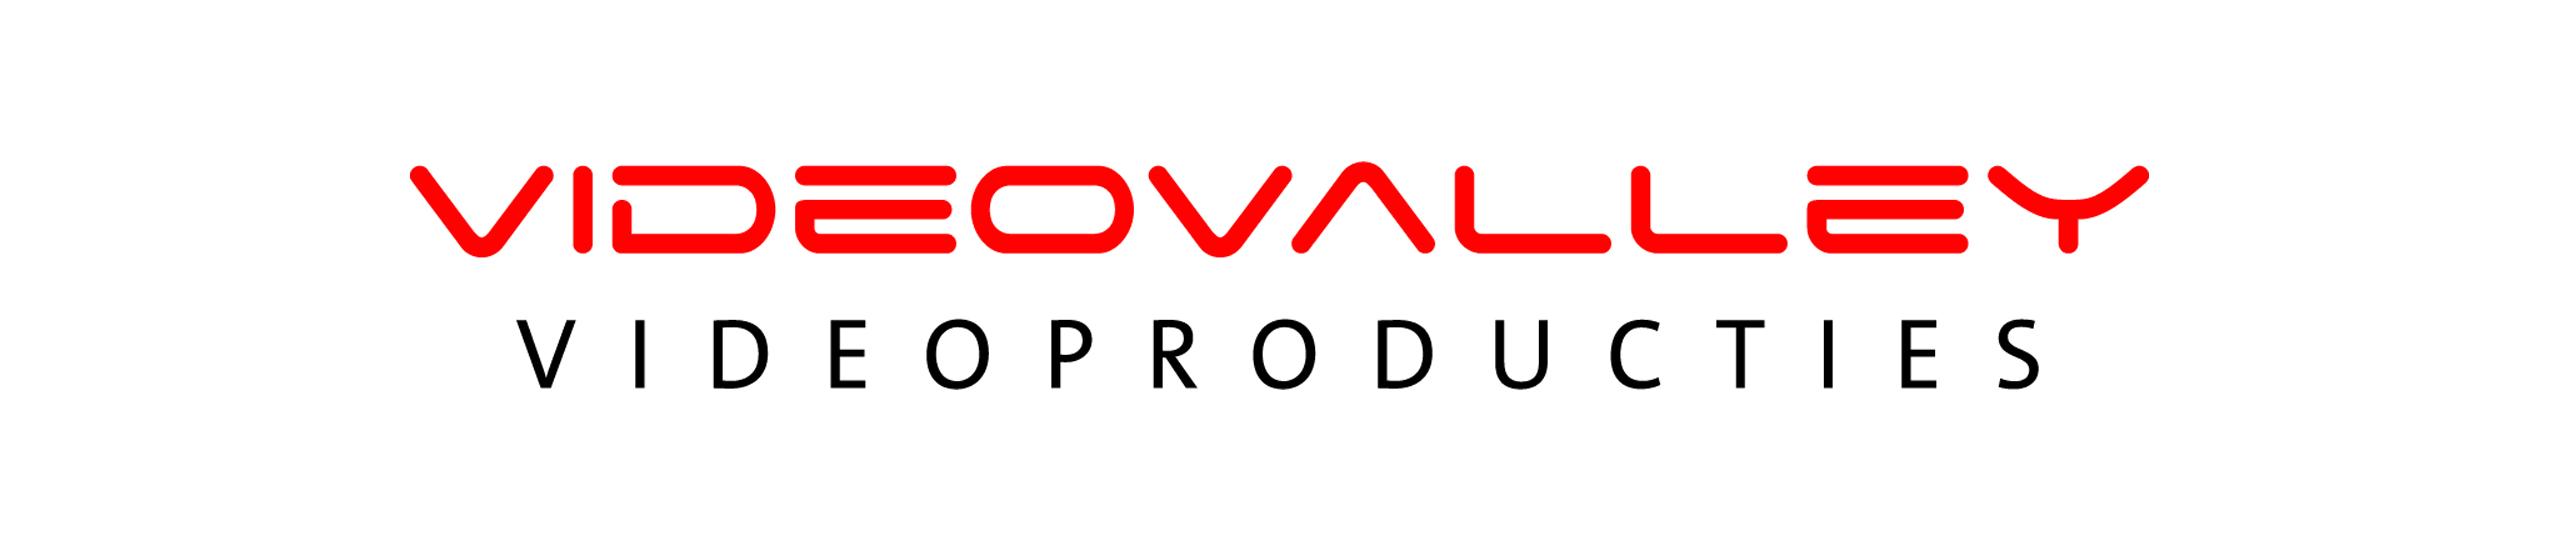 Videovalley Videoproducties